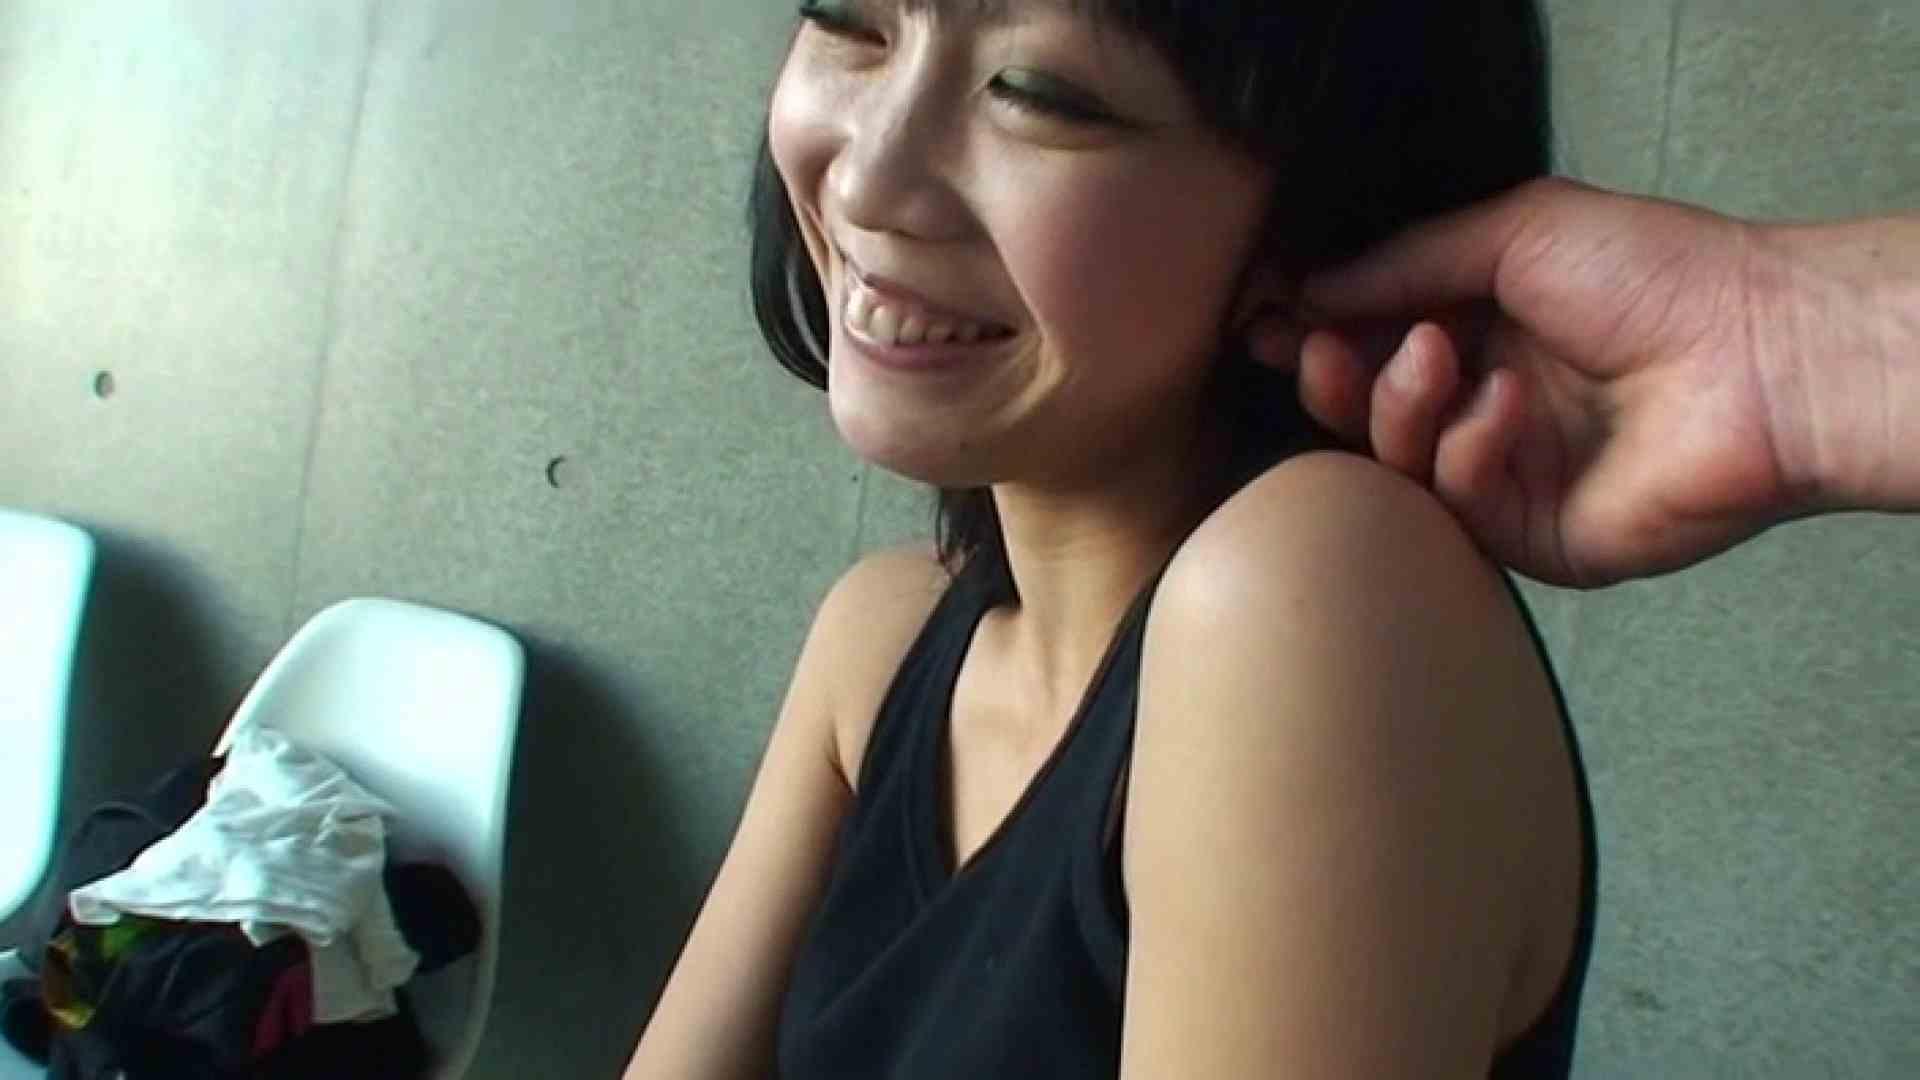 おしえてギャル子のH塾 Vol.35前編 現役ギャル エロ画像 105pic 19